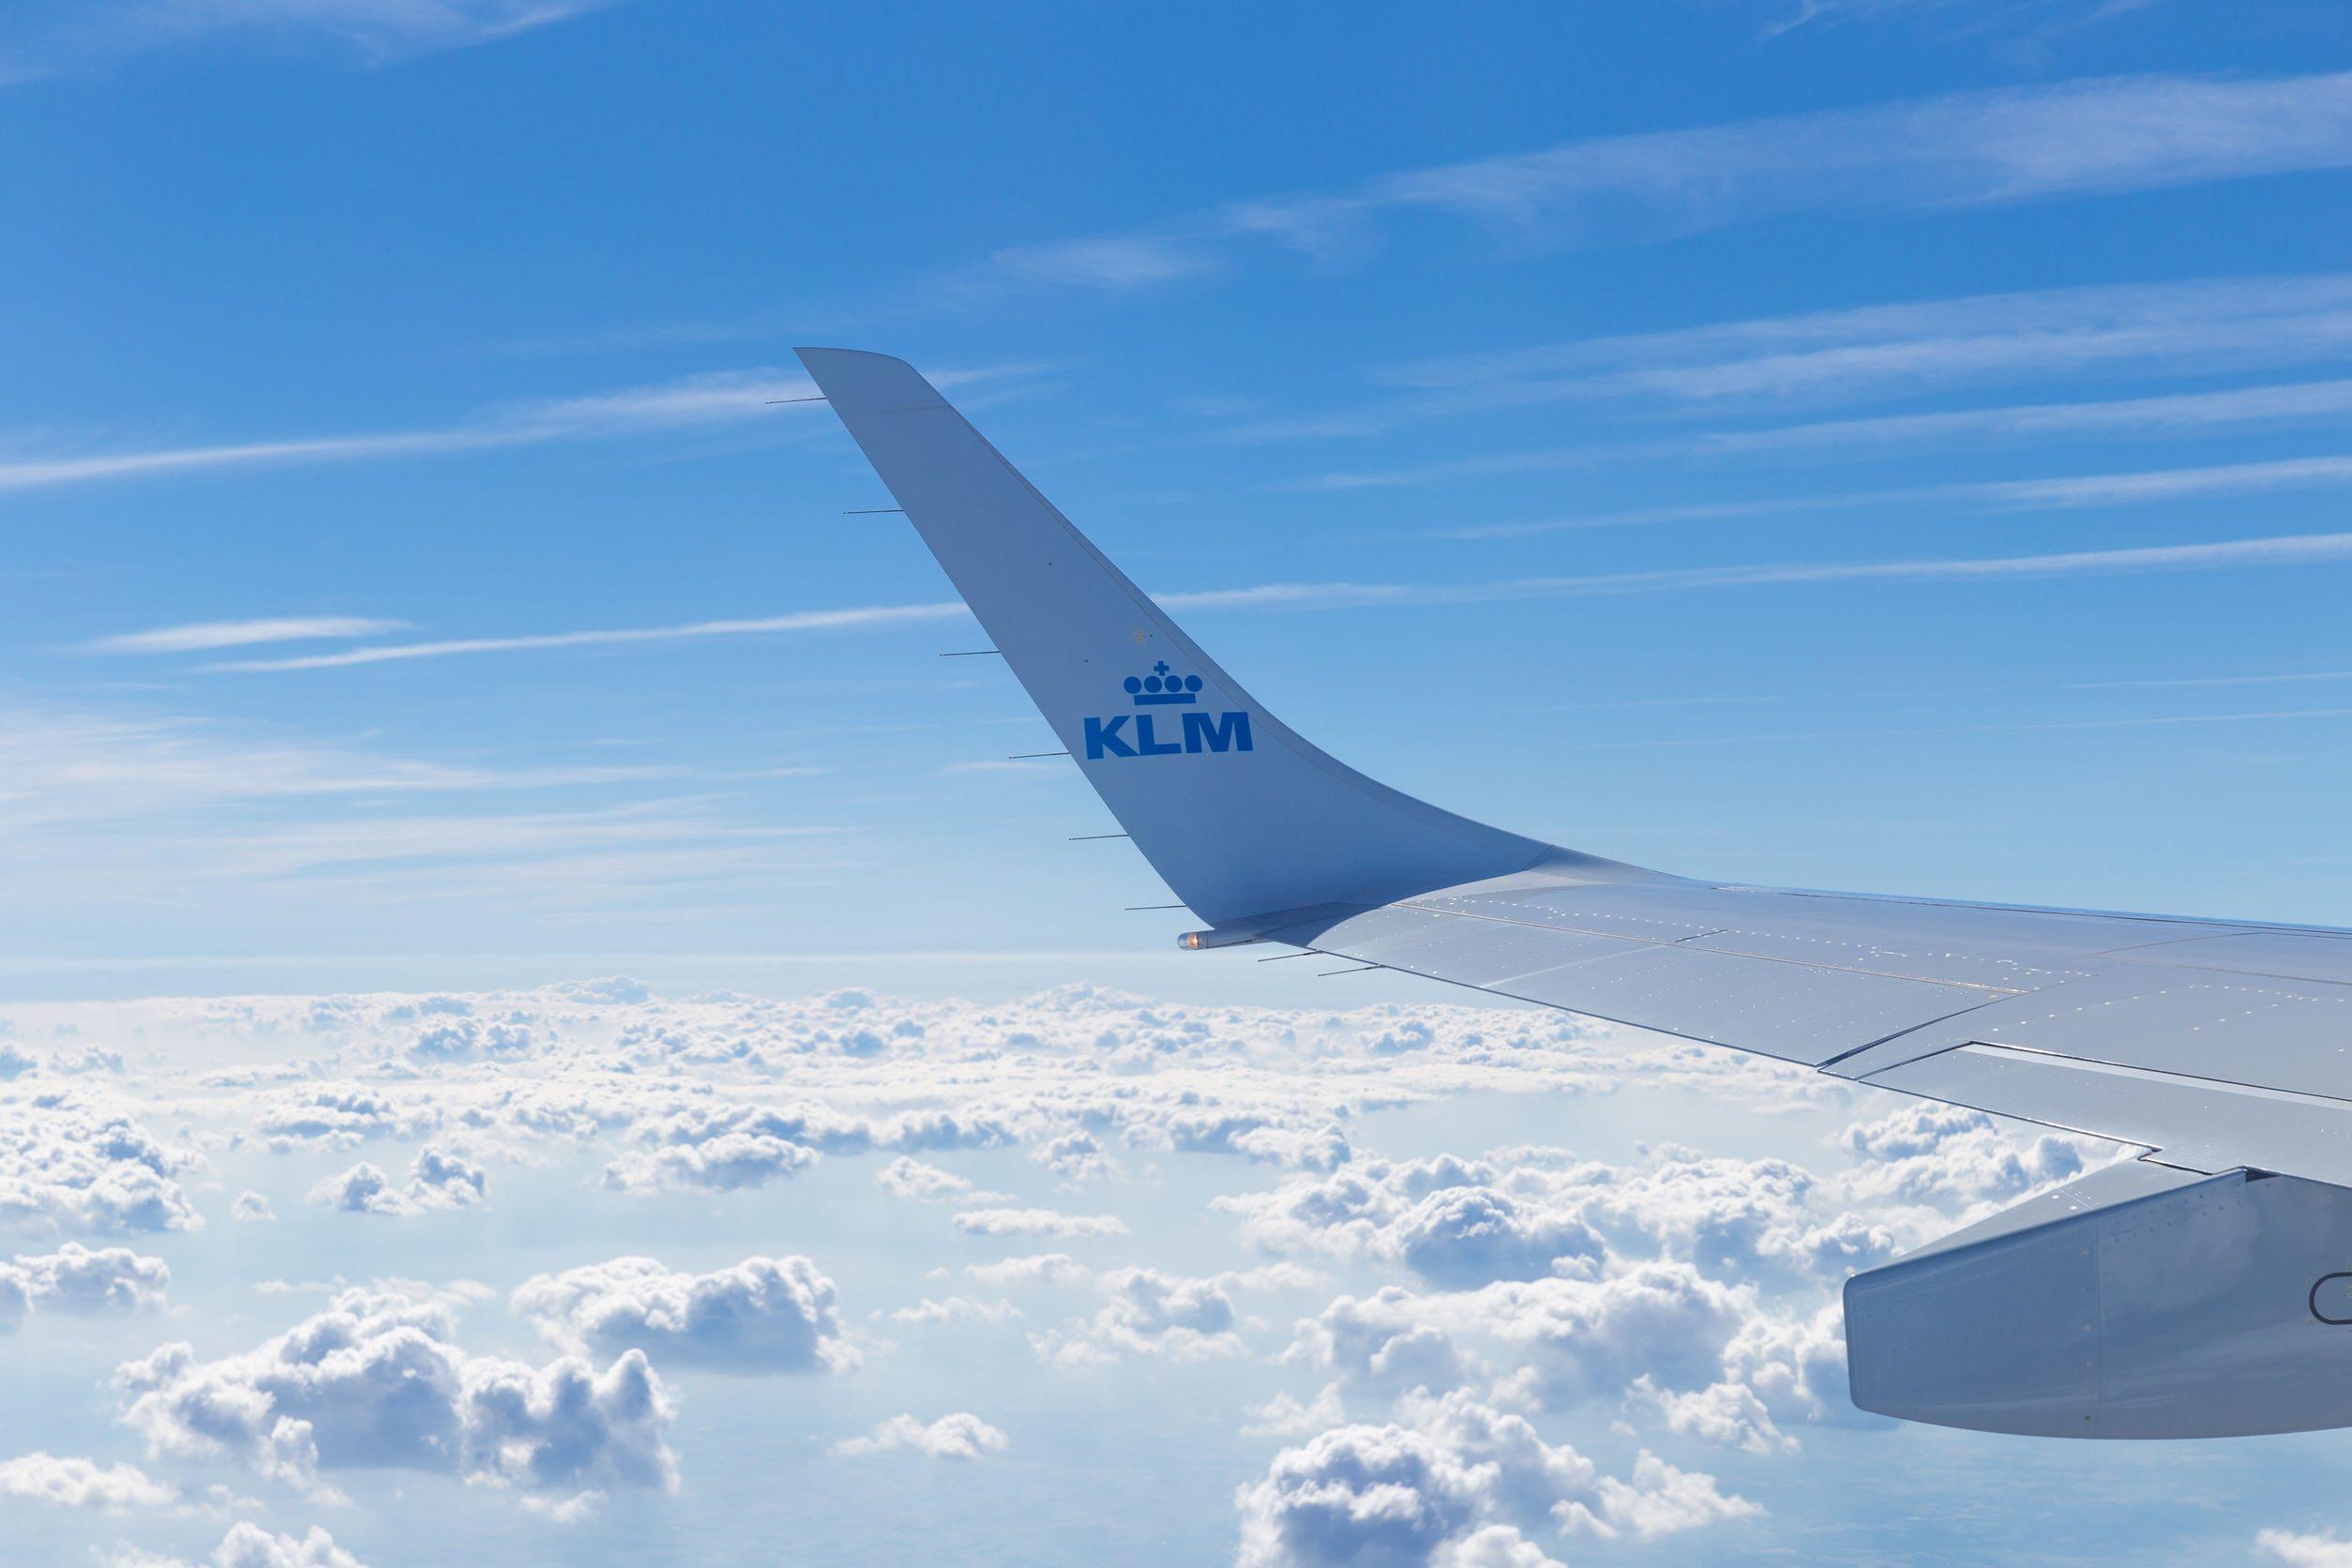 Een interview met Mijke van Ballegooijen, directeur customer experience KLM